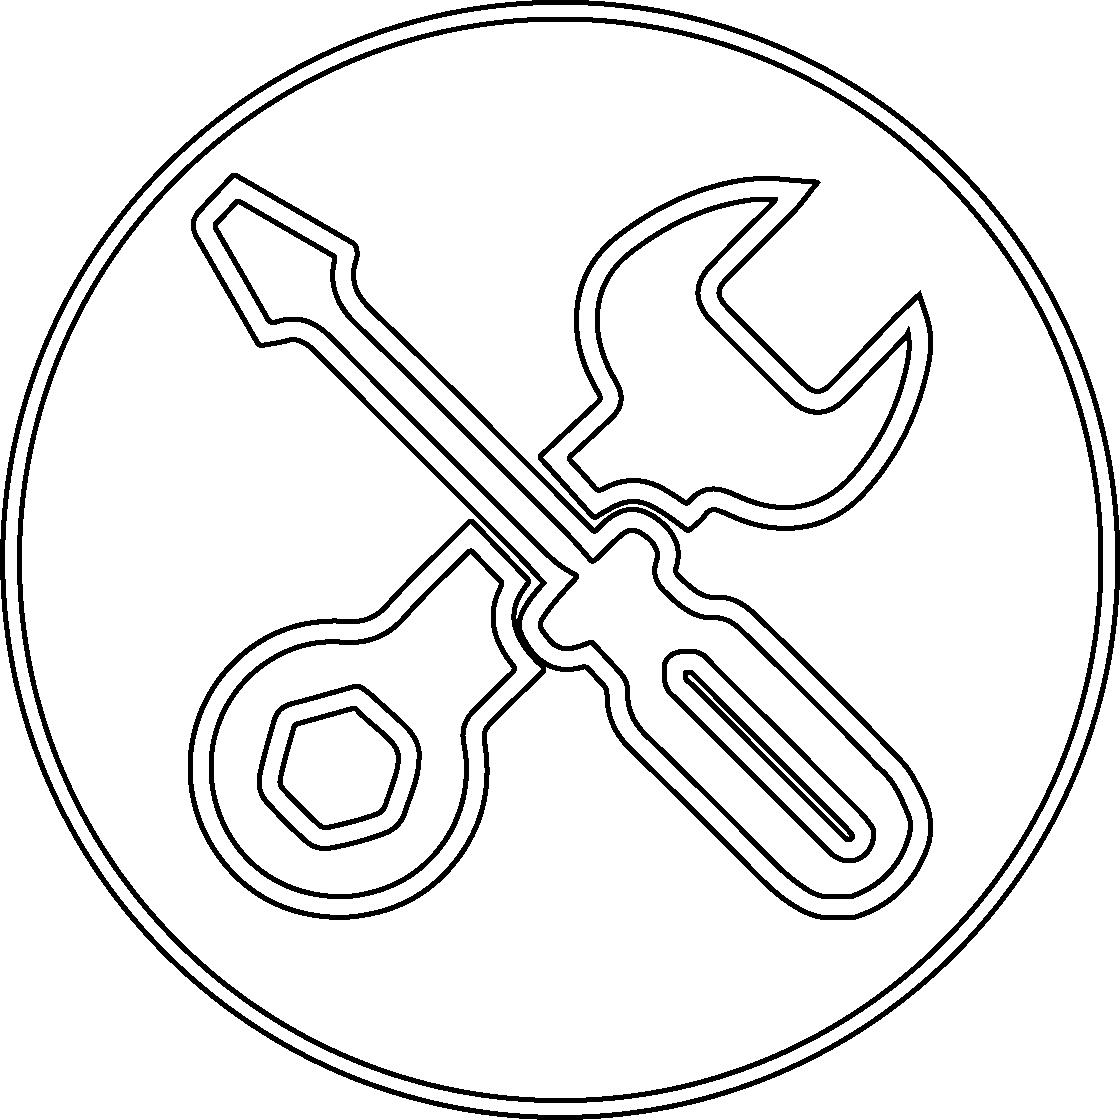 Icon Assistenza_Tavola disegno 1